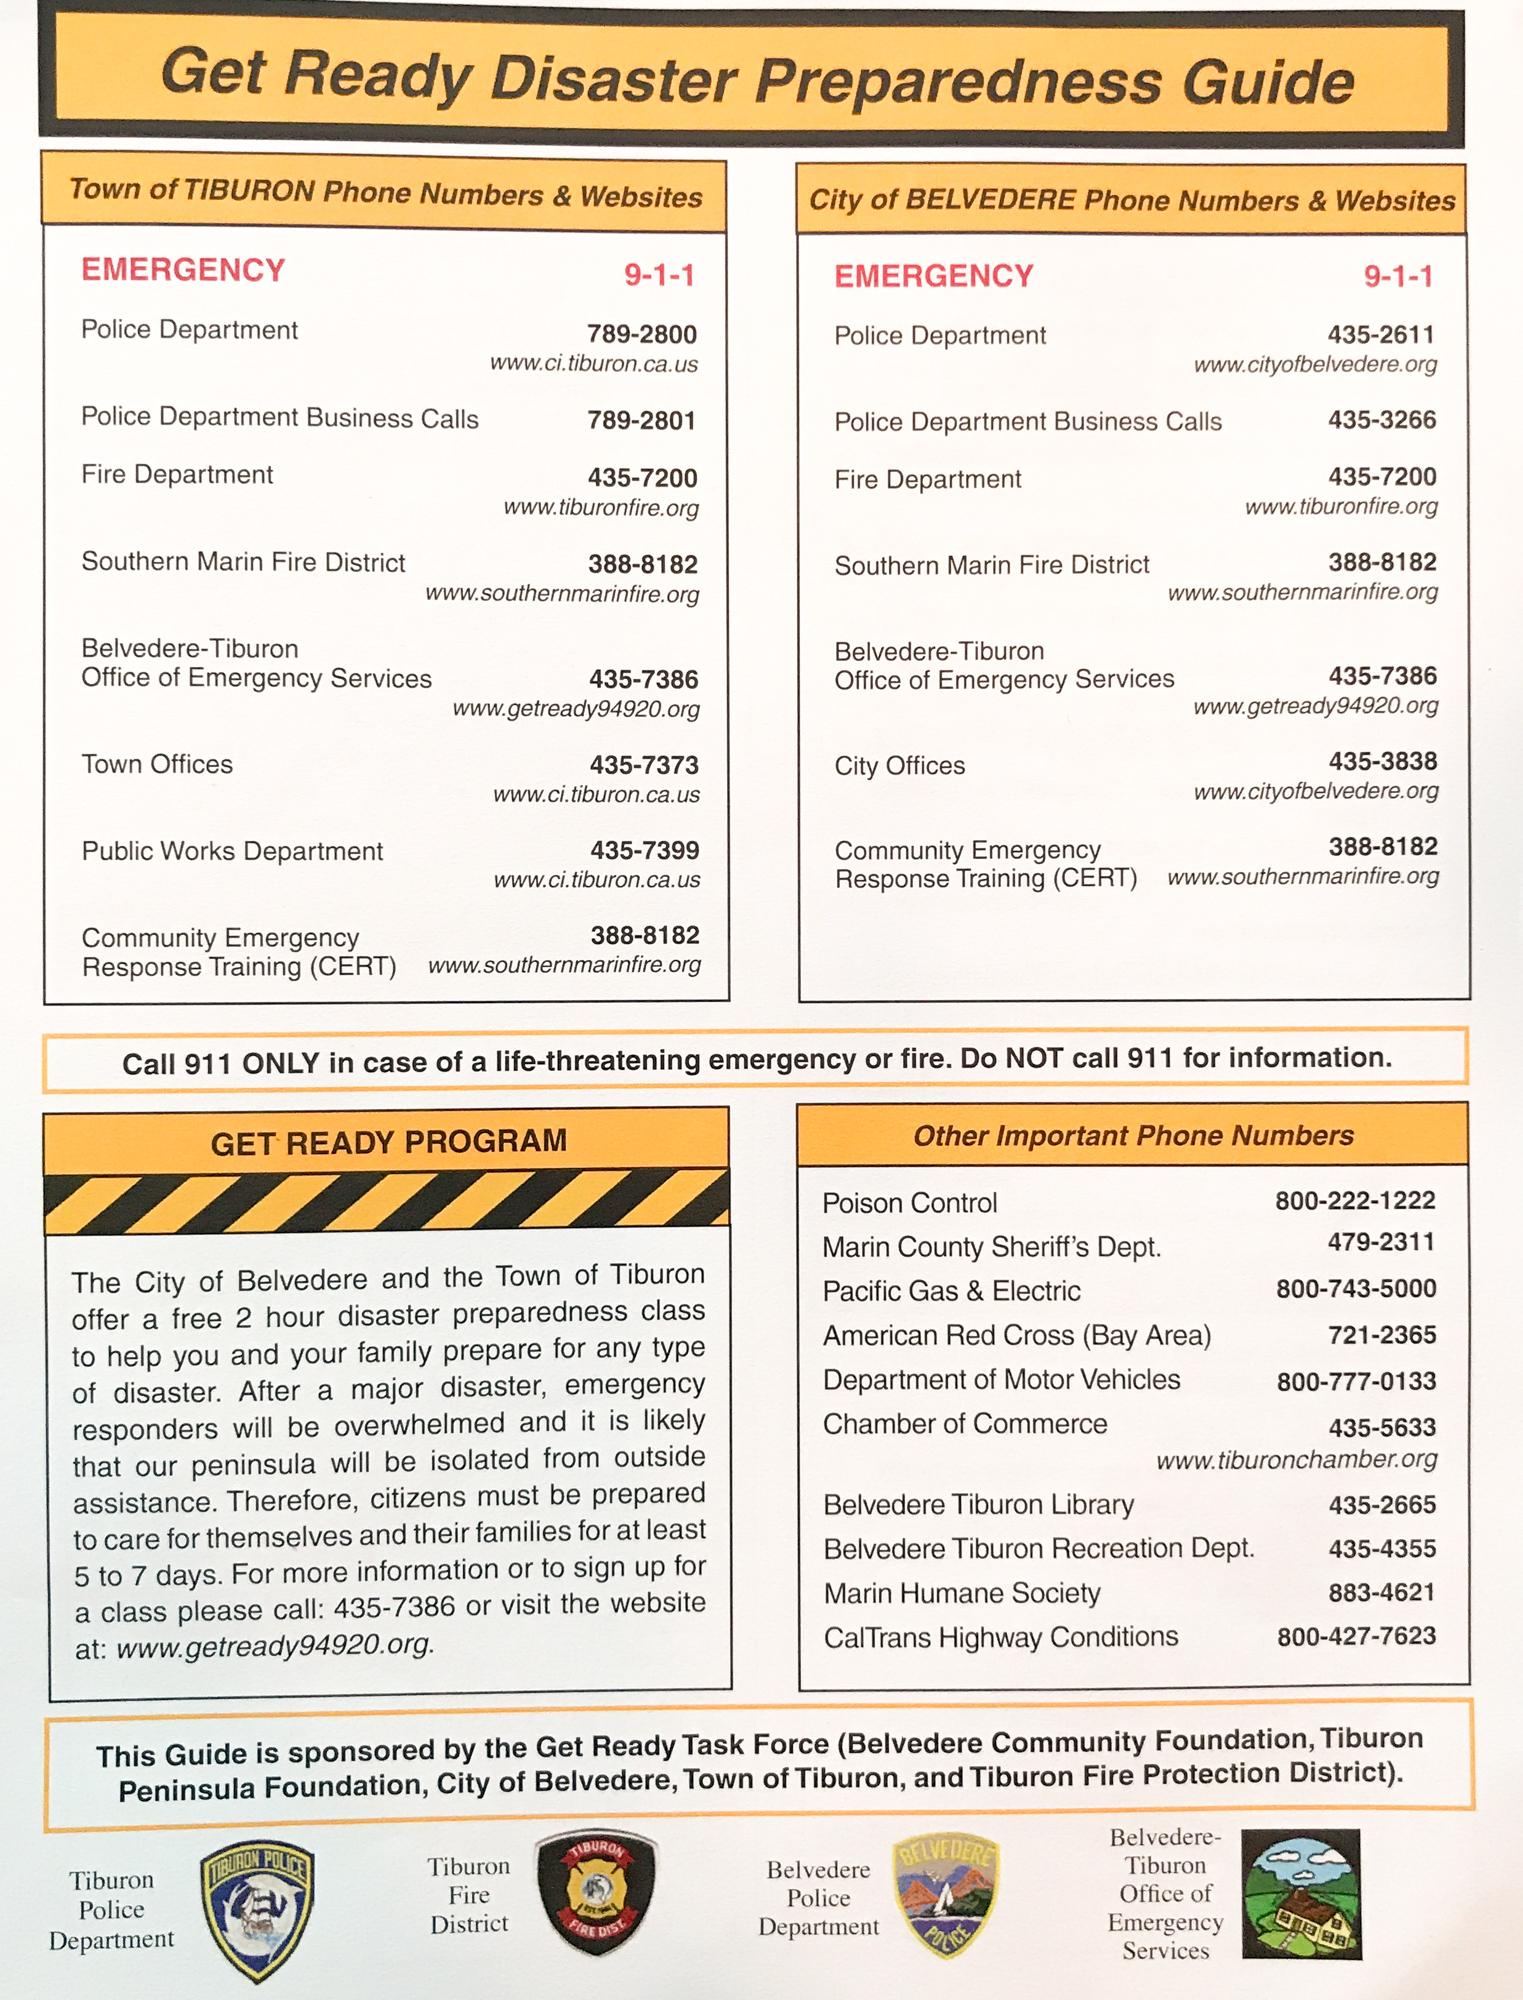 guidepage1-2.jpg